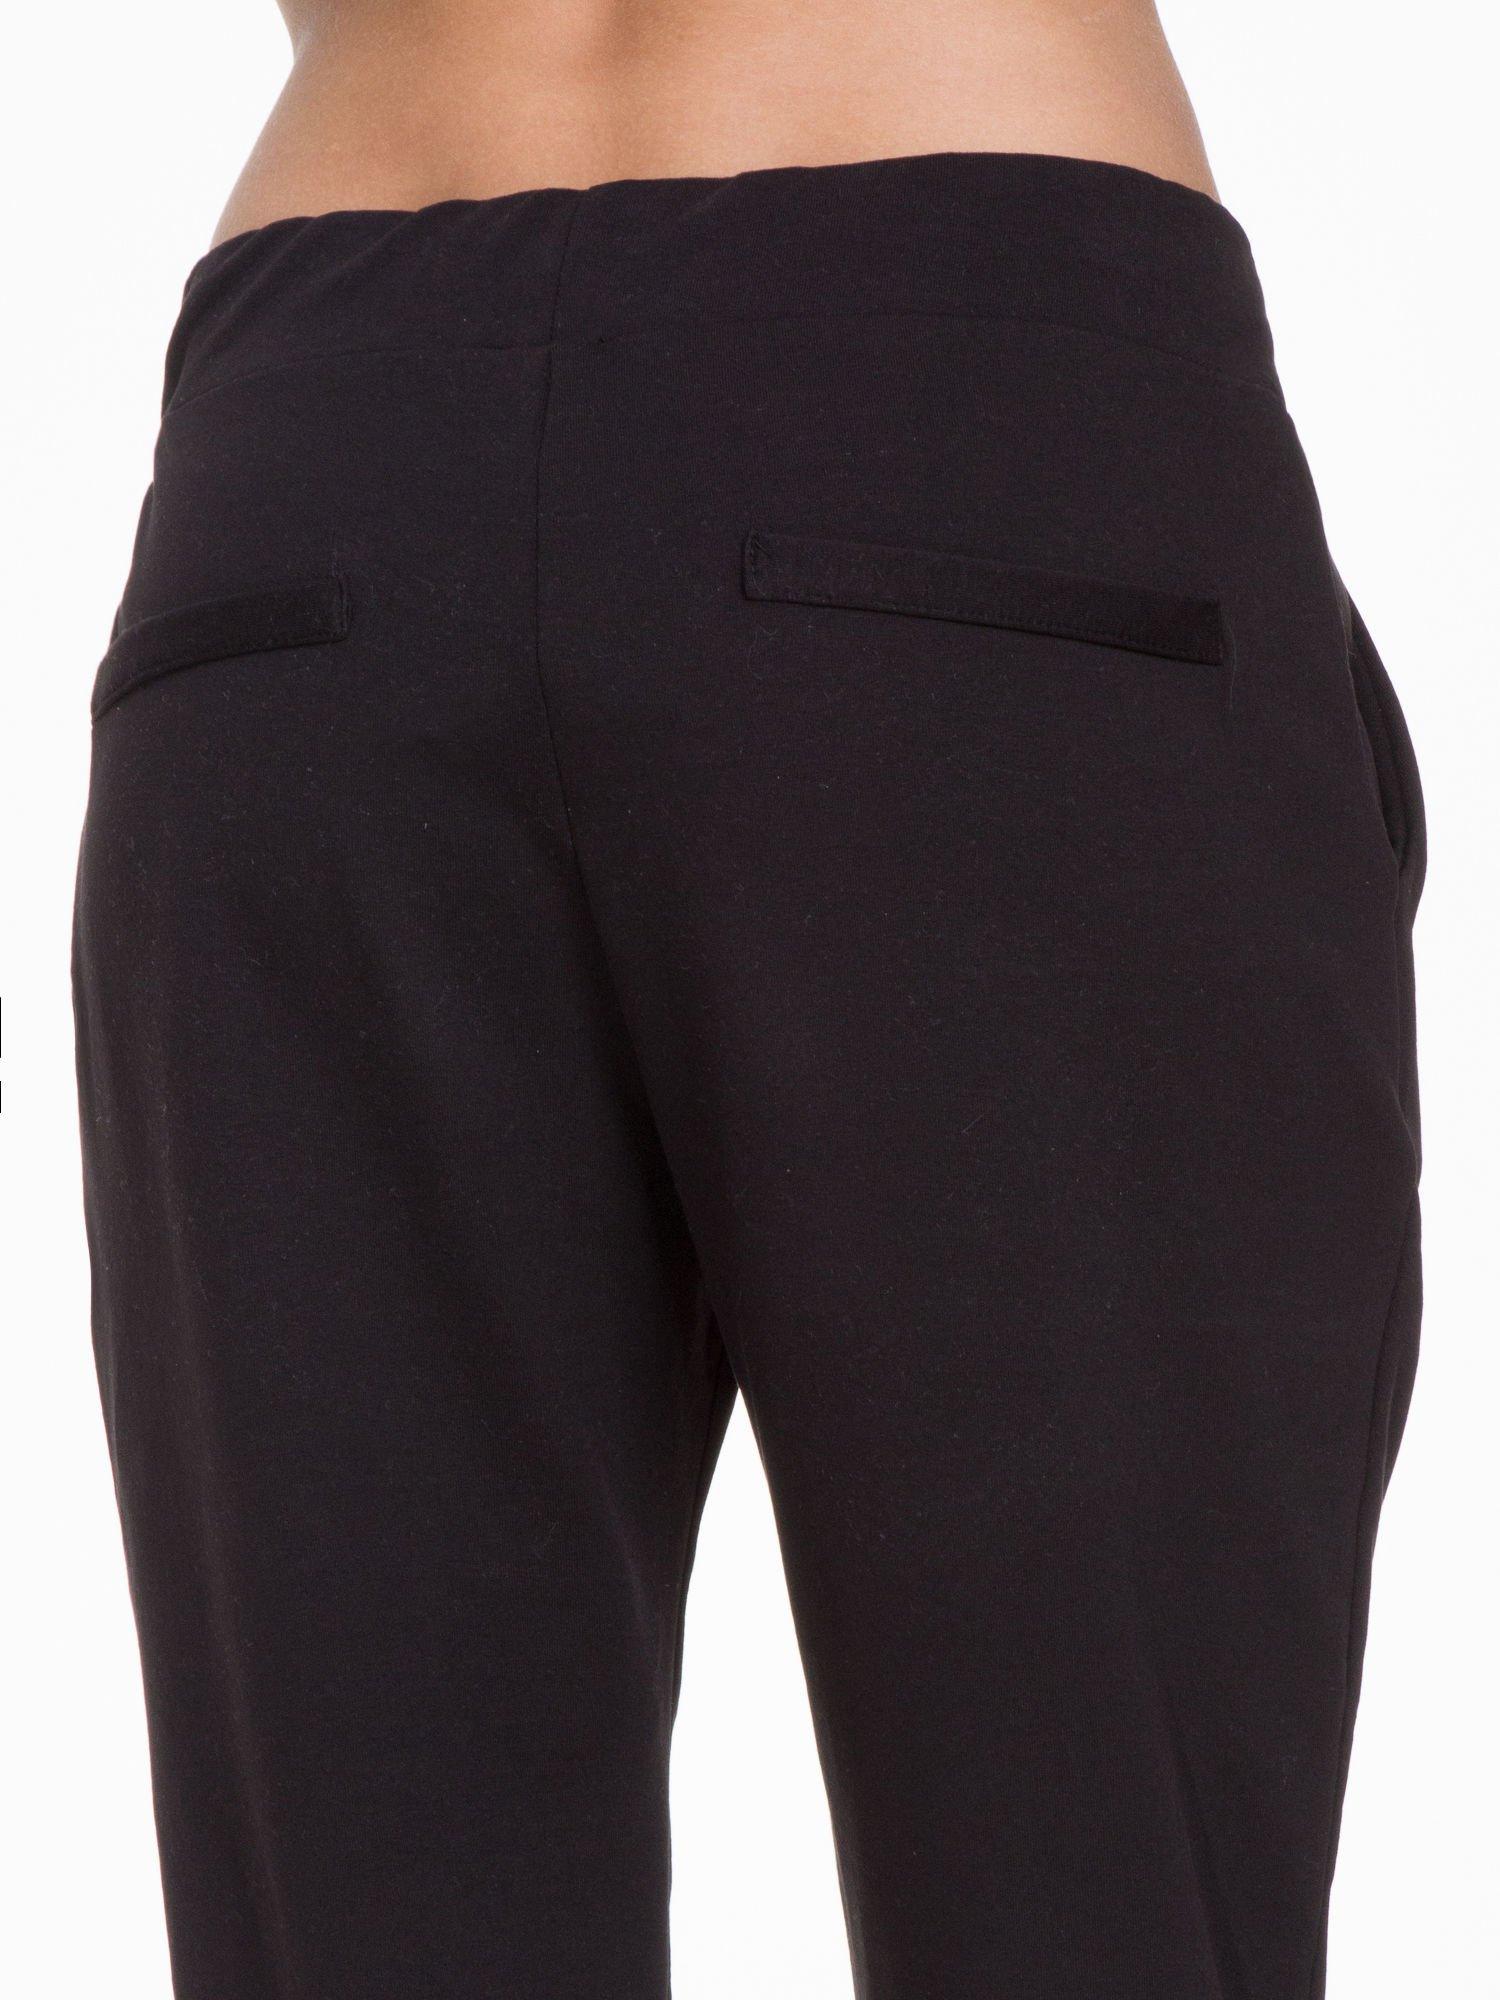 Czarne spodnie dresowe z zakładkami przy kieszeniach                                  zdj.                                  5